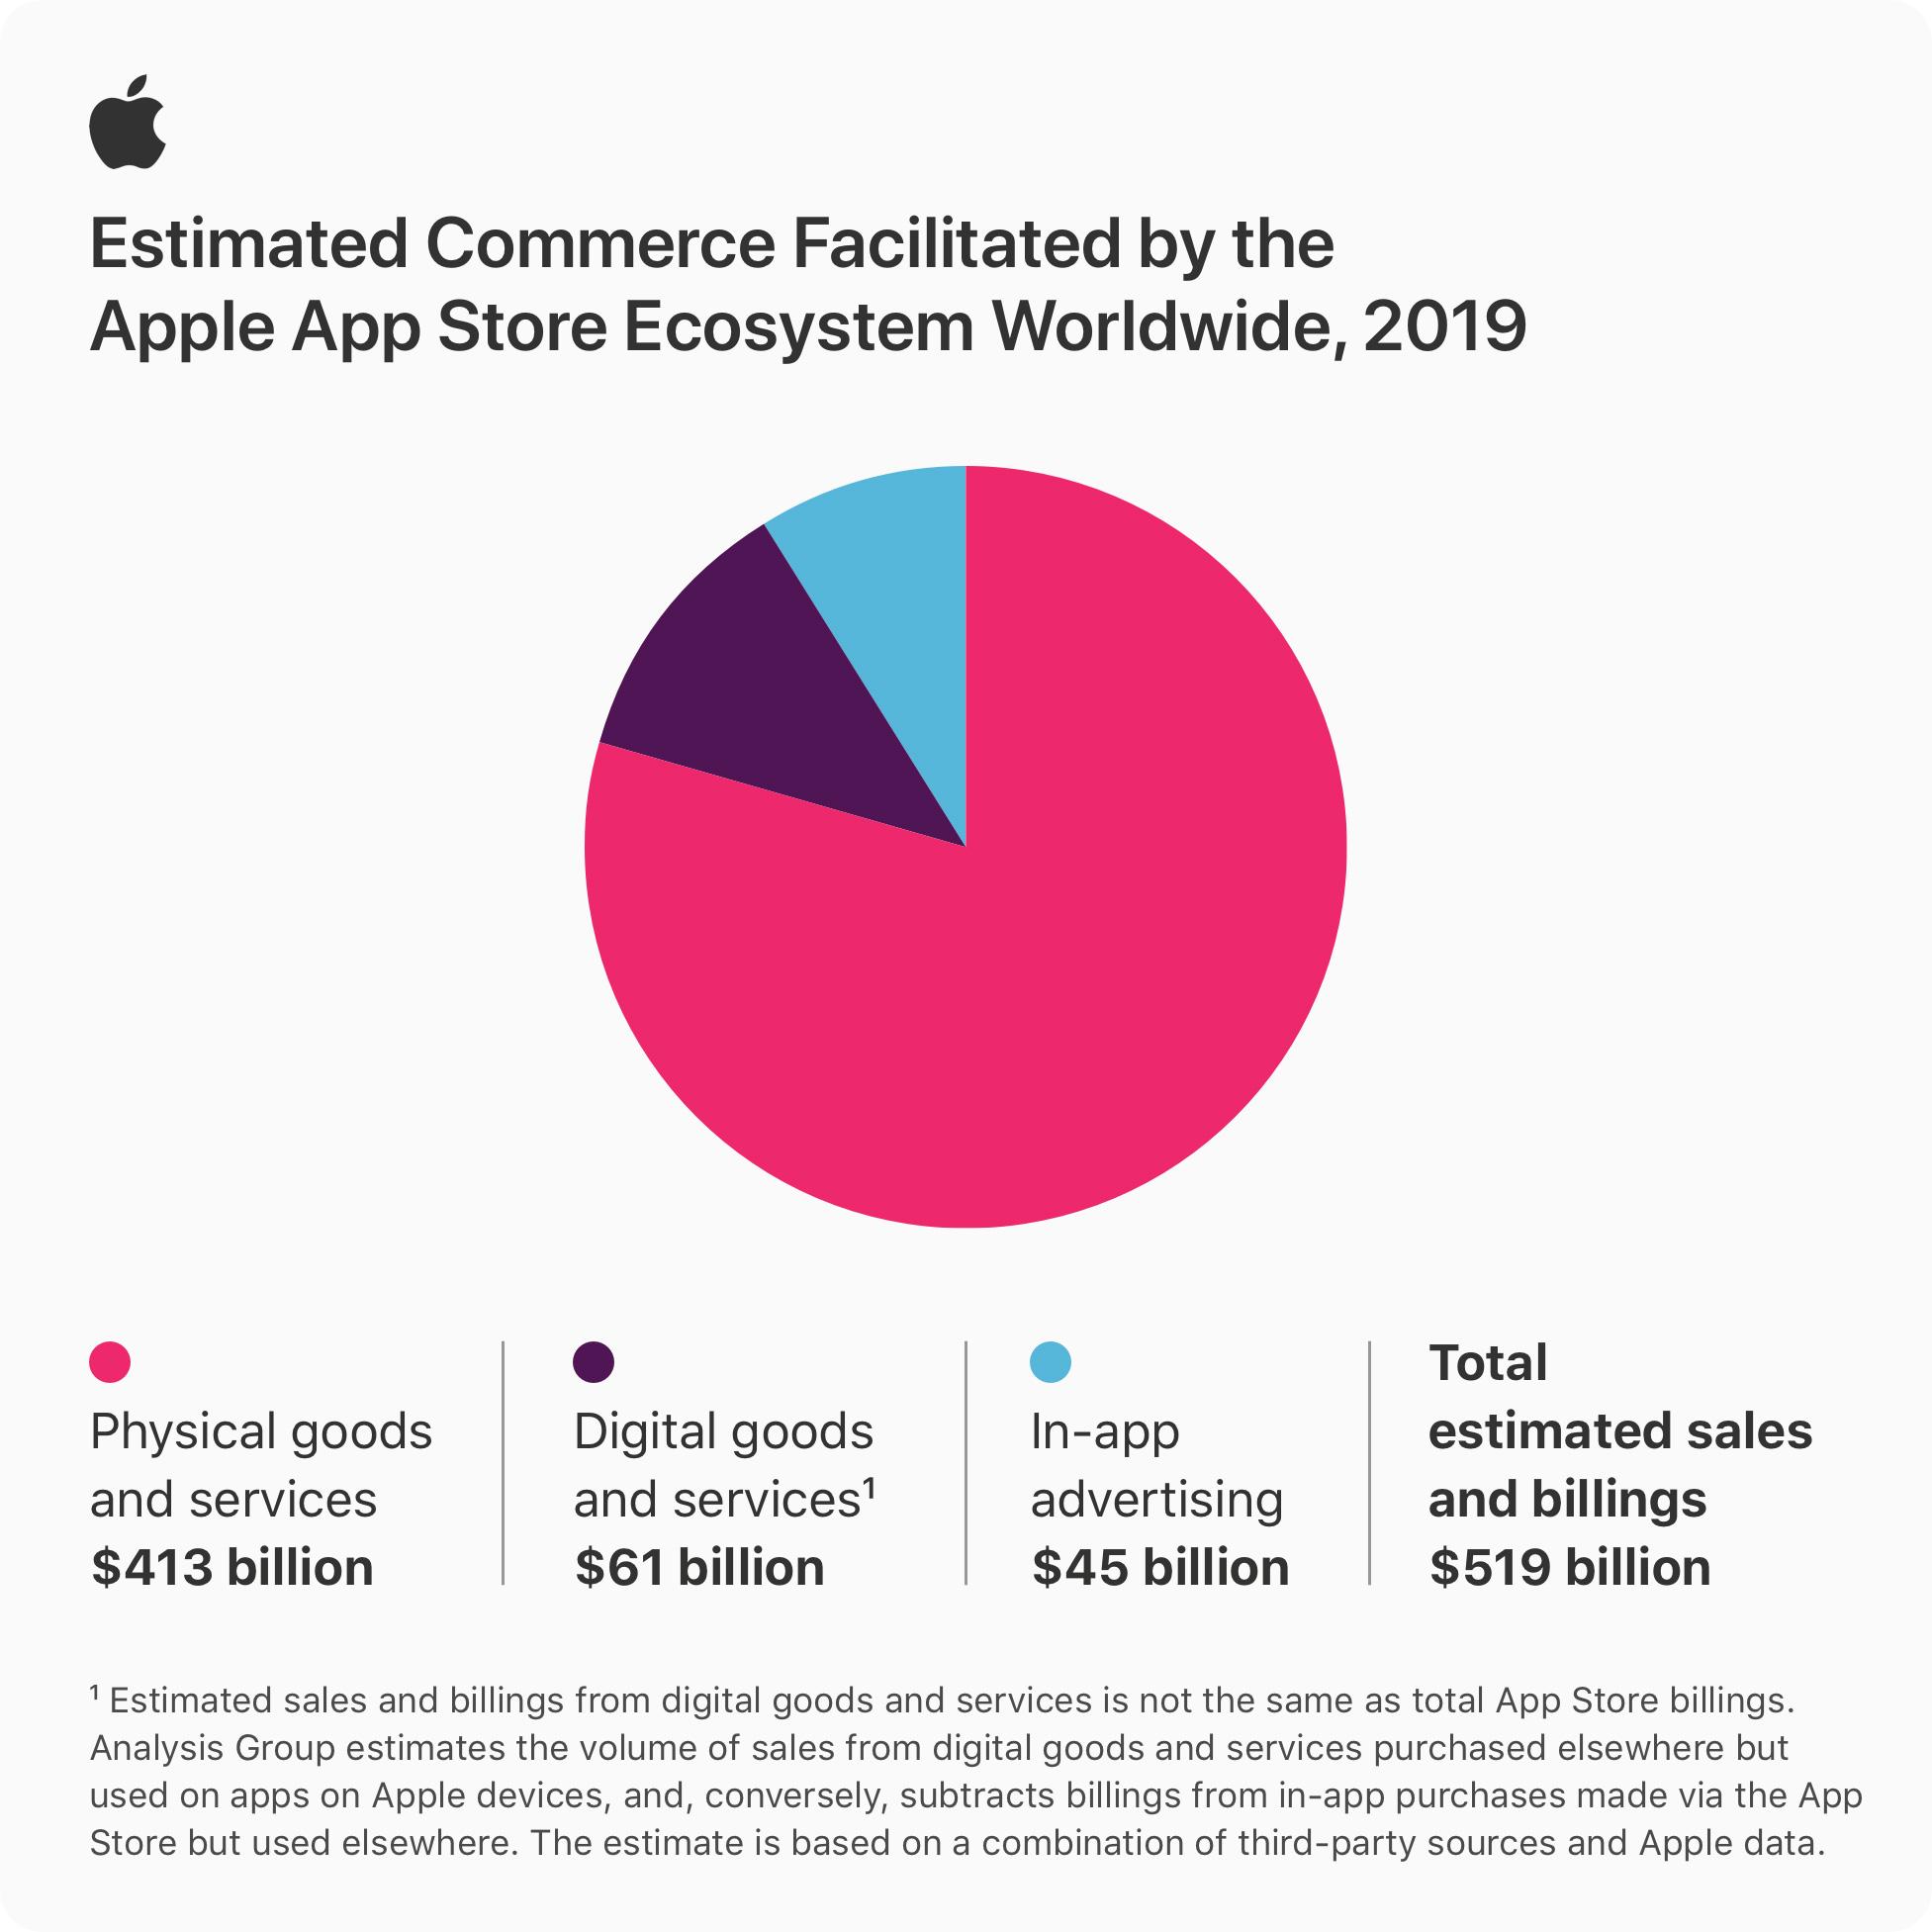 Nel solo 2019 l'App Store di Apple responsabile del commercio di oltre 500 miliardi di dollari di beni e servizi